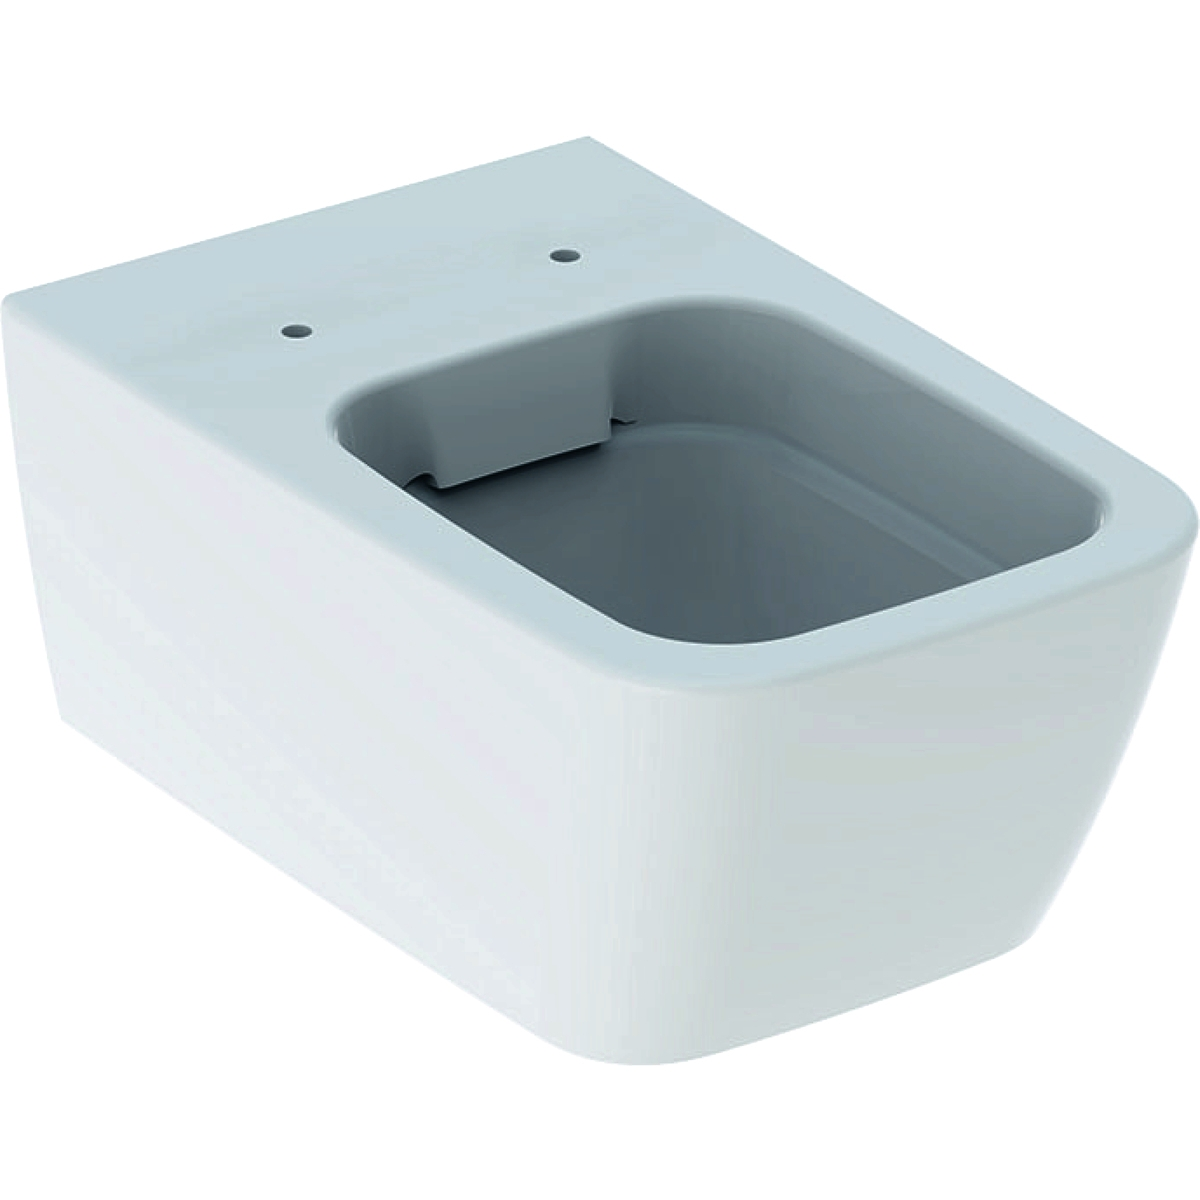 Vas WC suspendat Geberit iCon Square Rimfree 54cm imagine